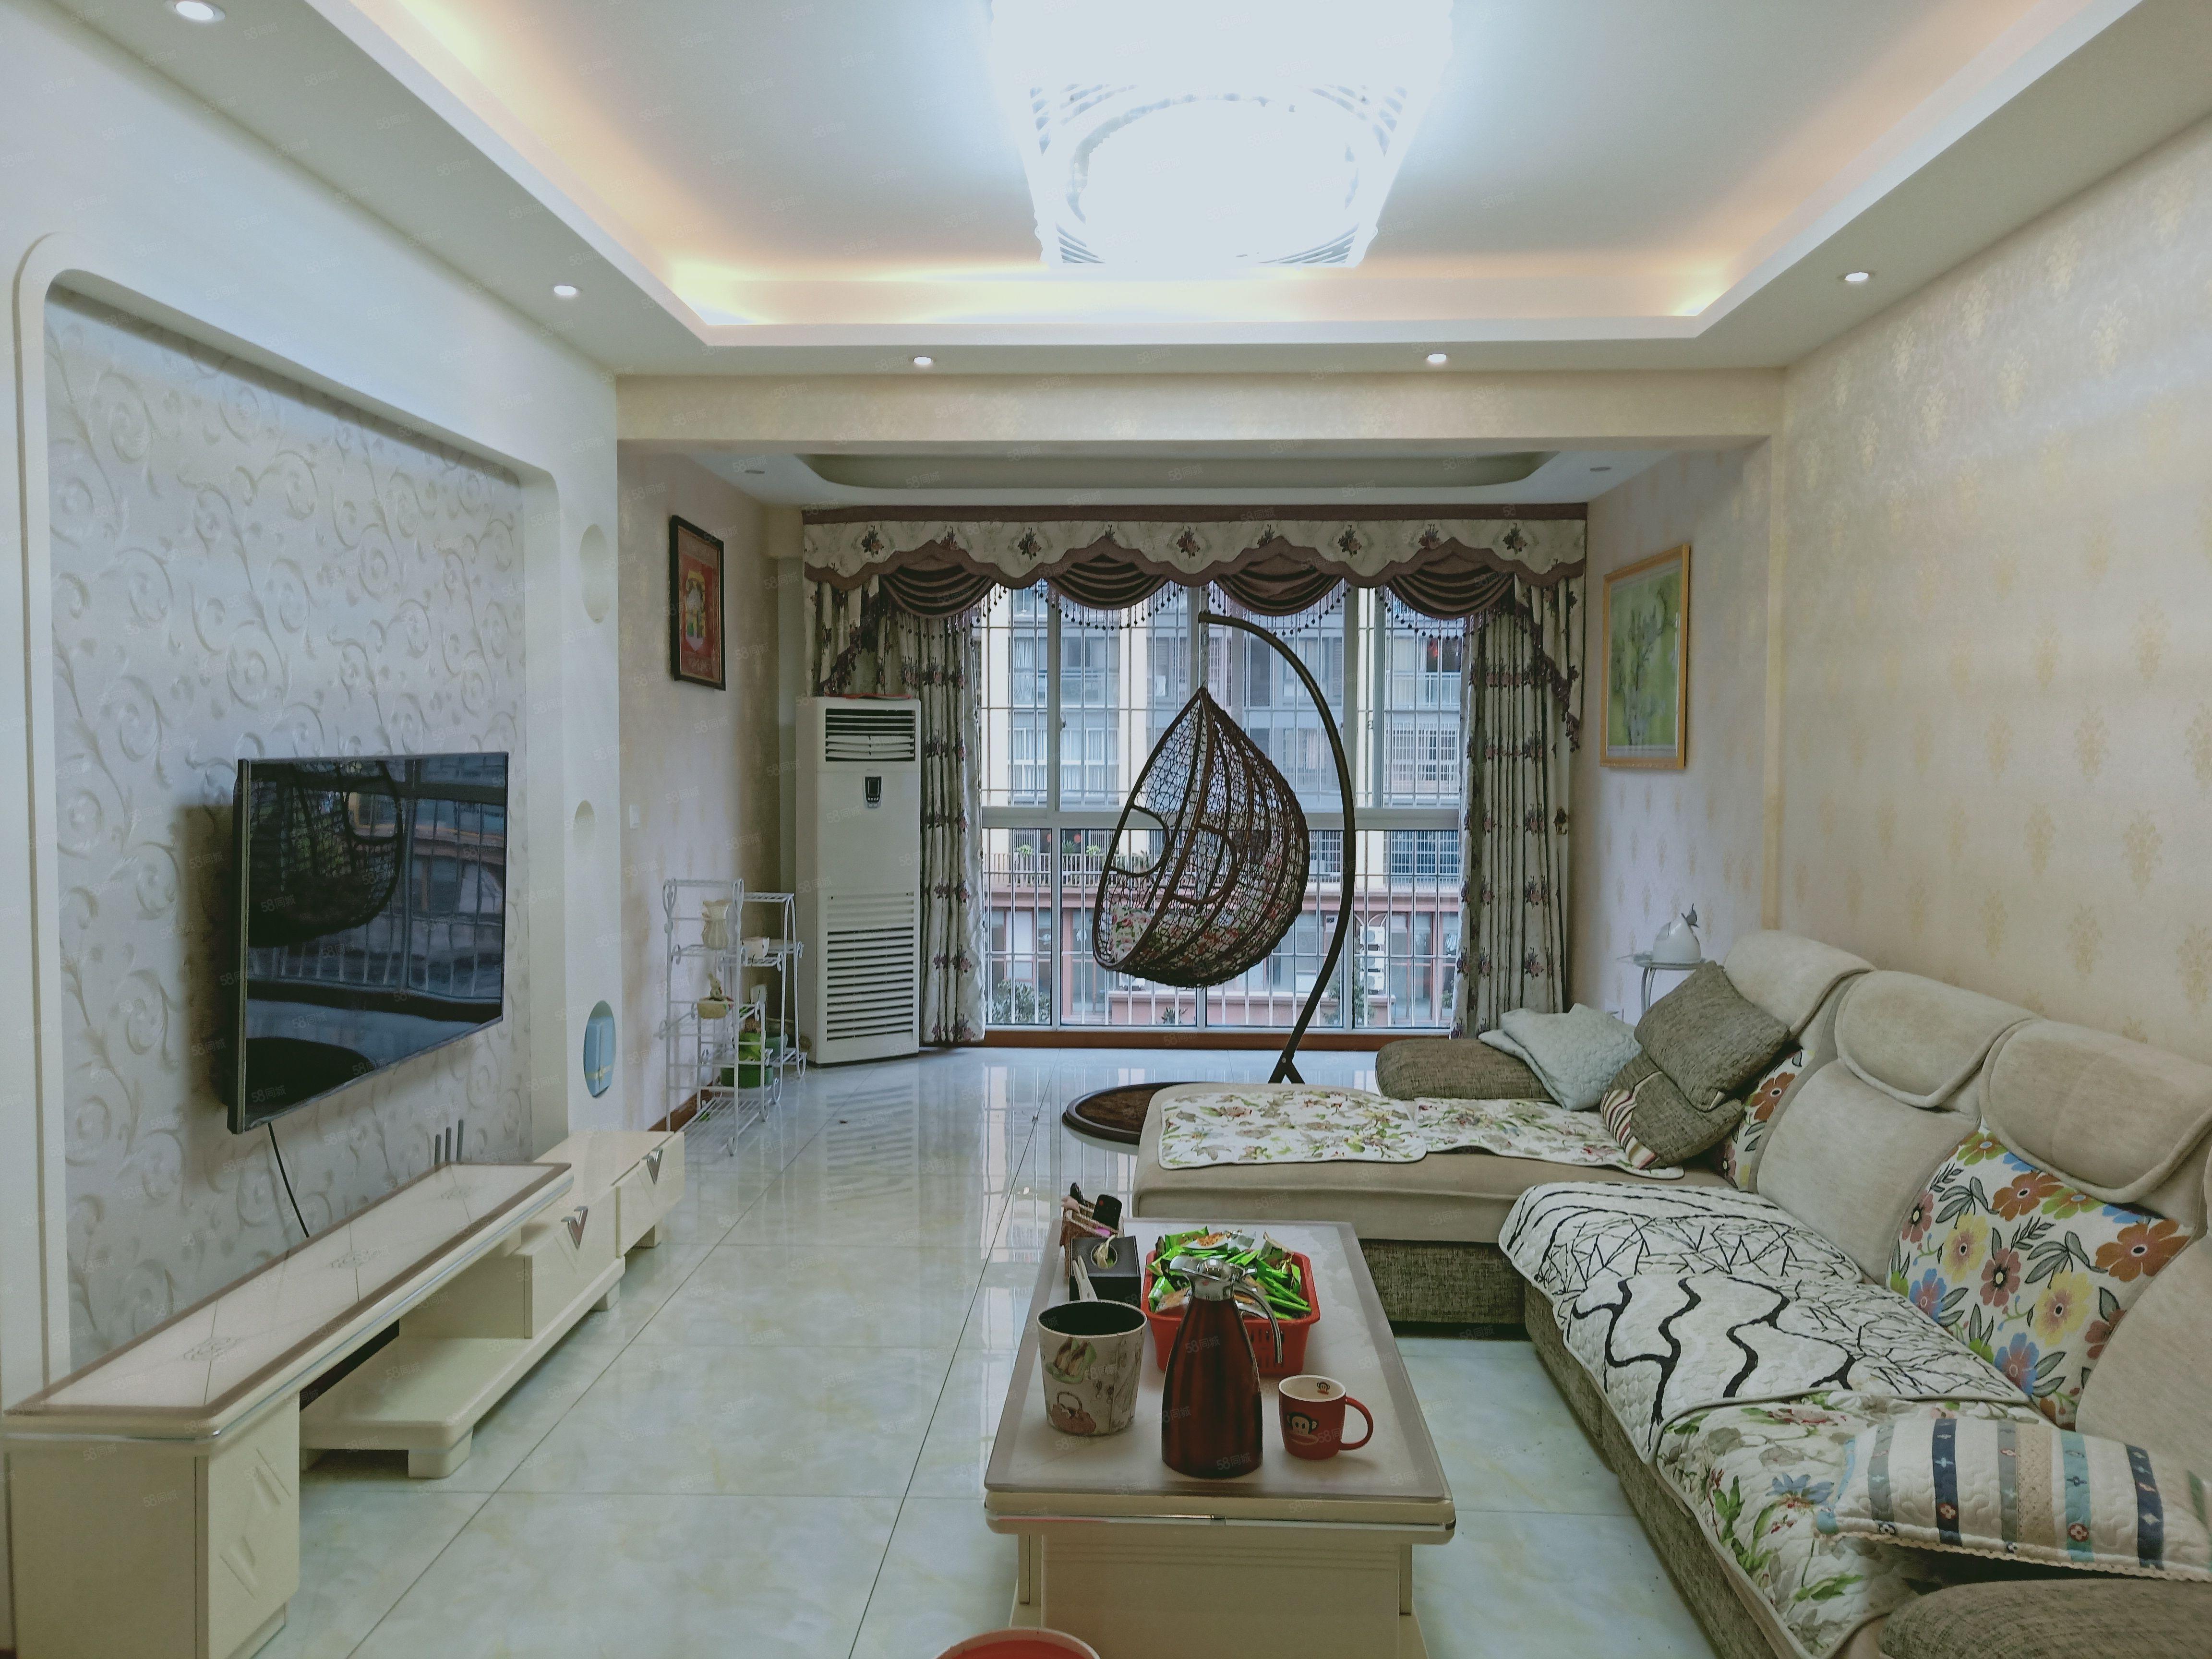 繁华地段,品质楼盘,精致小户型,送家具家电,产权在手支持按揭